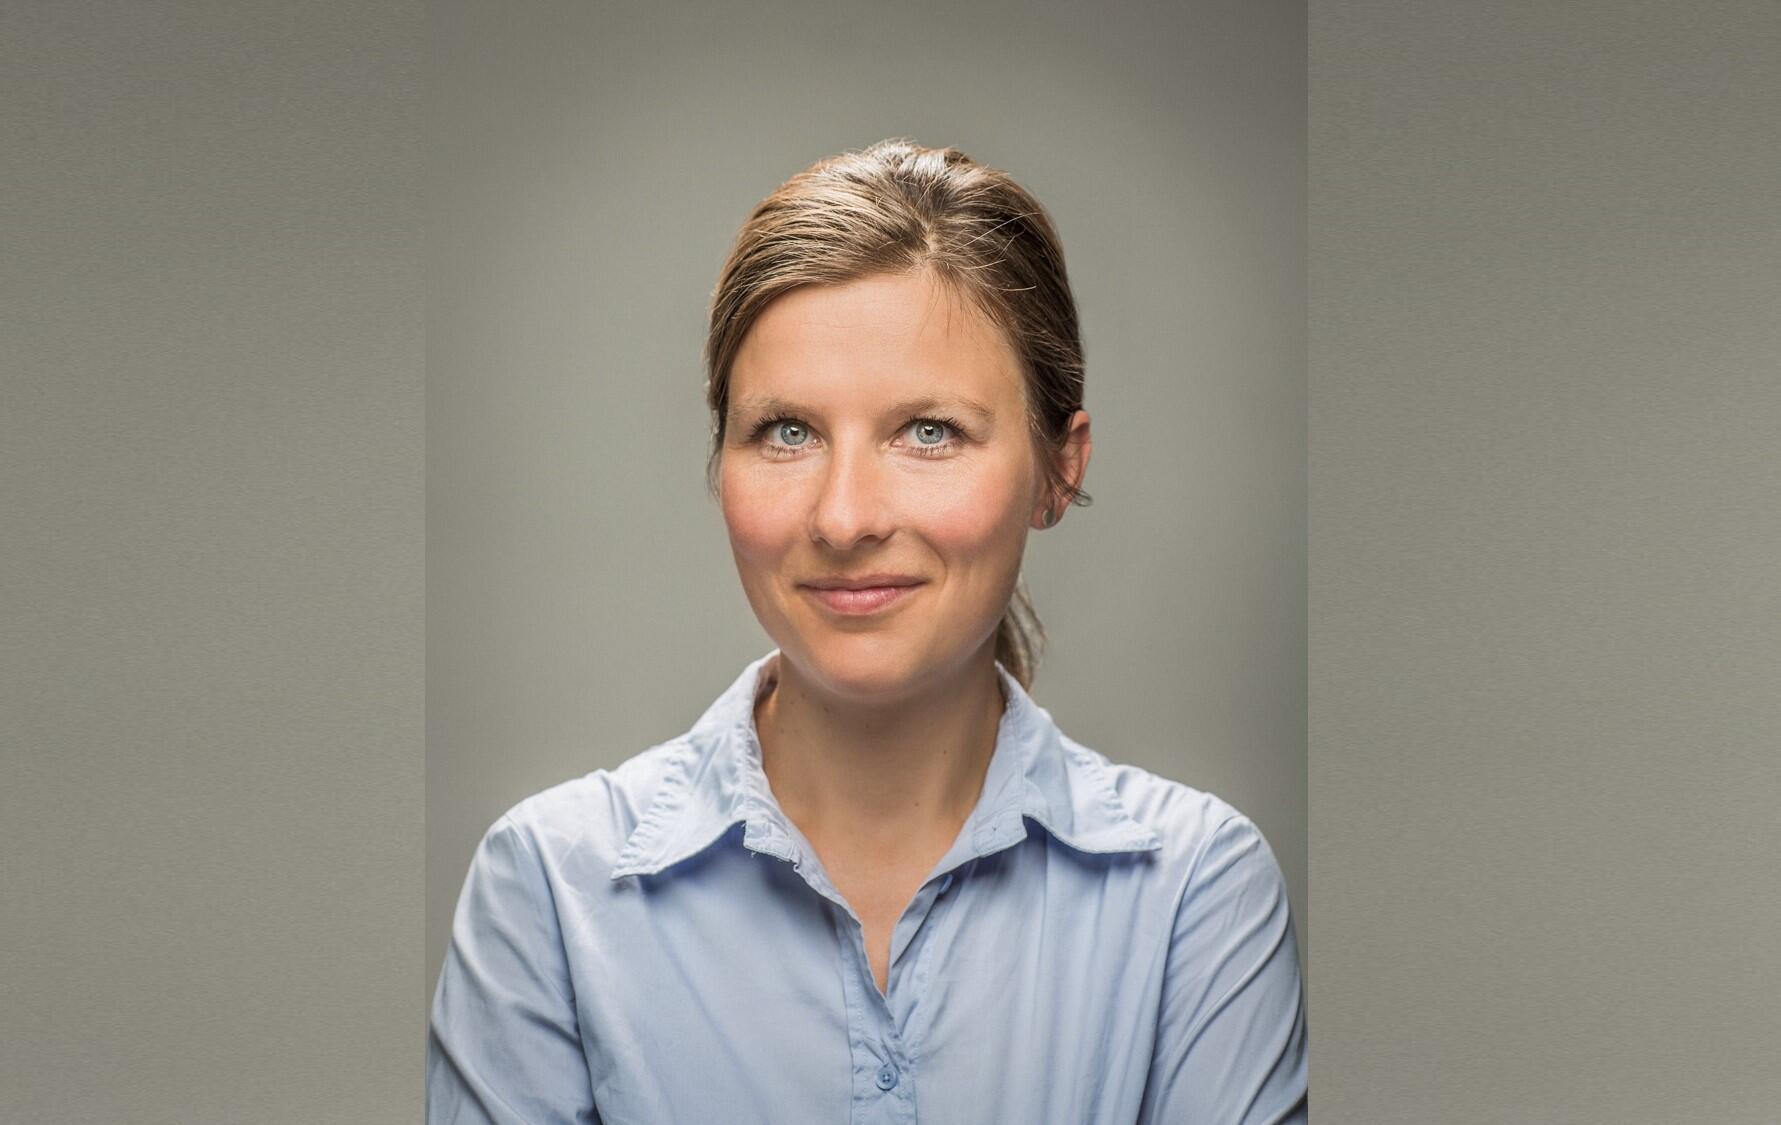 Olga Klimecki é pesquisadora sênior e professora do Centro Suíço para Ciências Afetivas, ligado à Faculdade de Psicologia e Ciências da Educação da Unige.